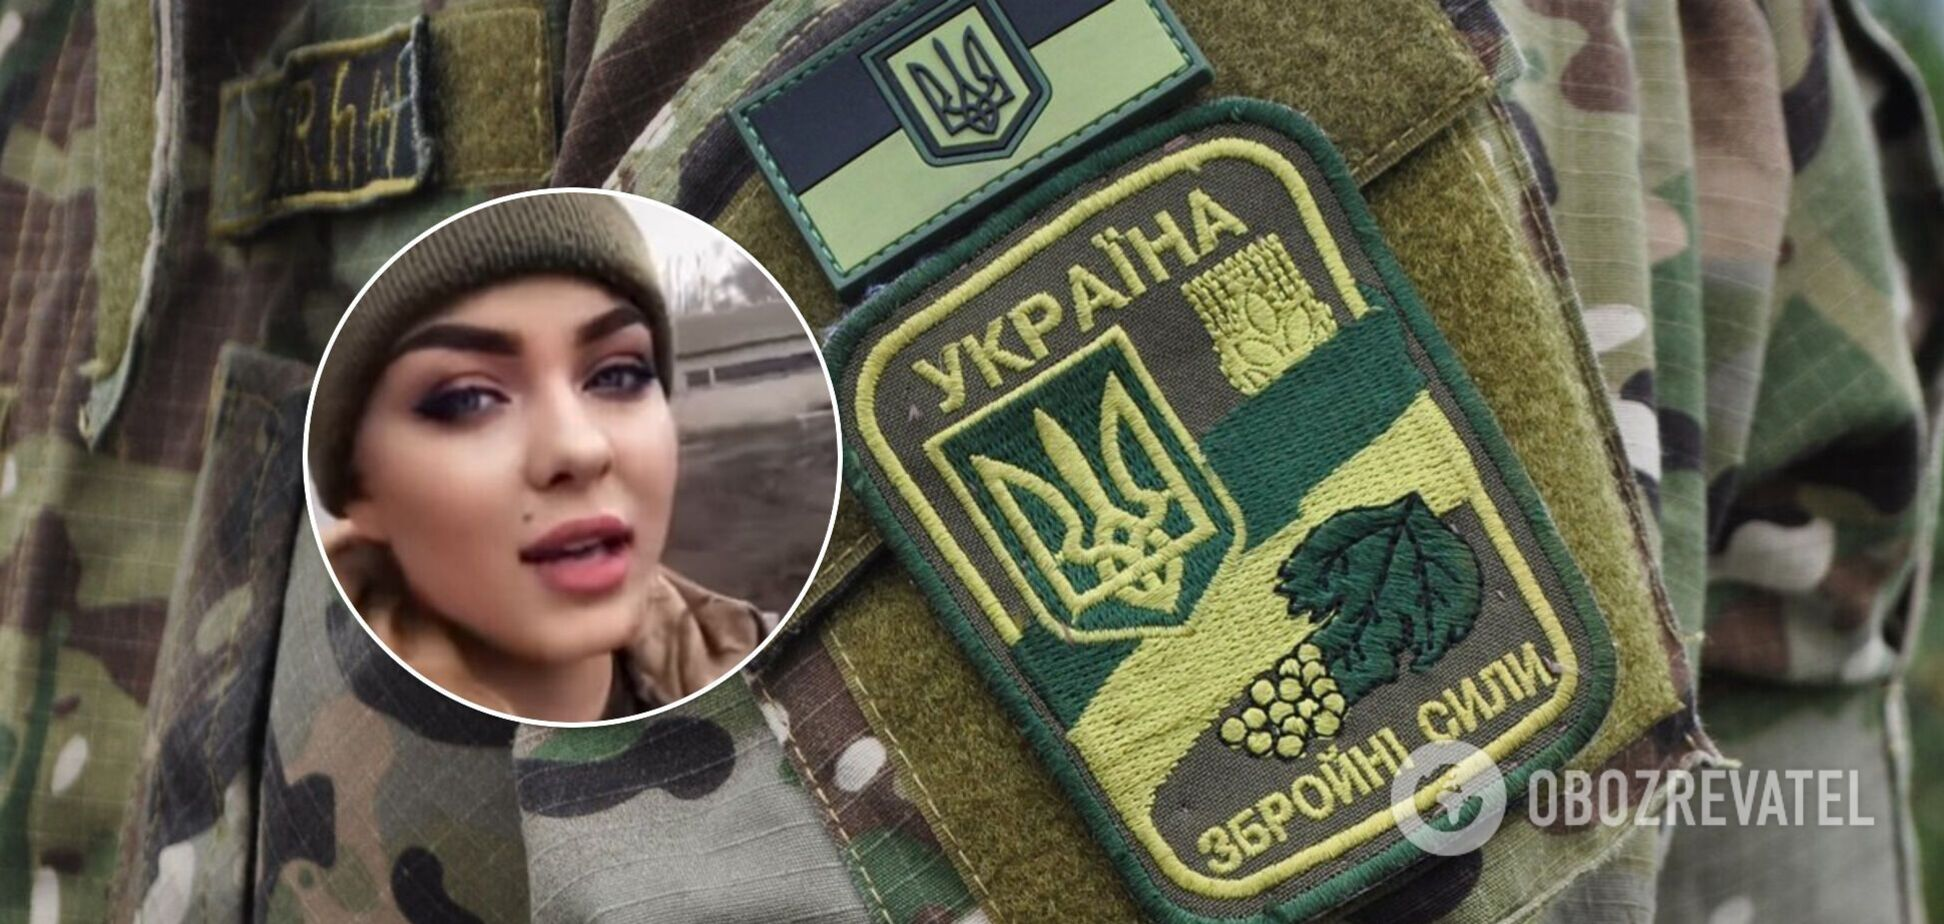 Військовослужбовиця ЗСУ заявила в ТікТок, що 'не всі вороги, хто розмовляє російською' і нарвалася на критику. Відео